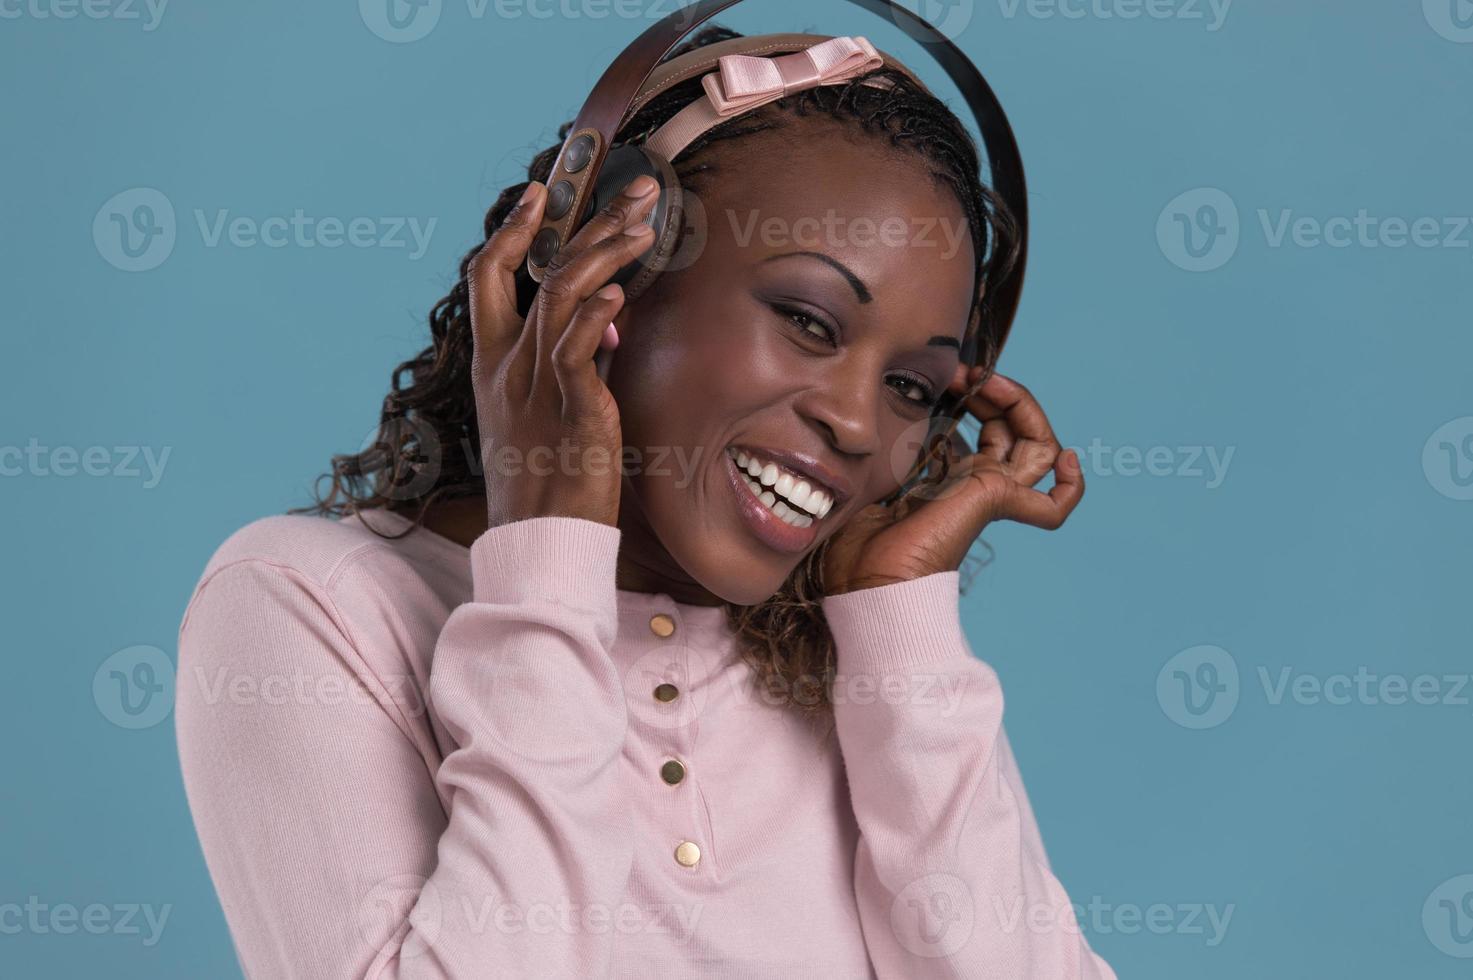 femme africaine heureuse, écouter de la musique sur les écouteurs. photo